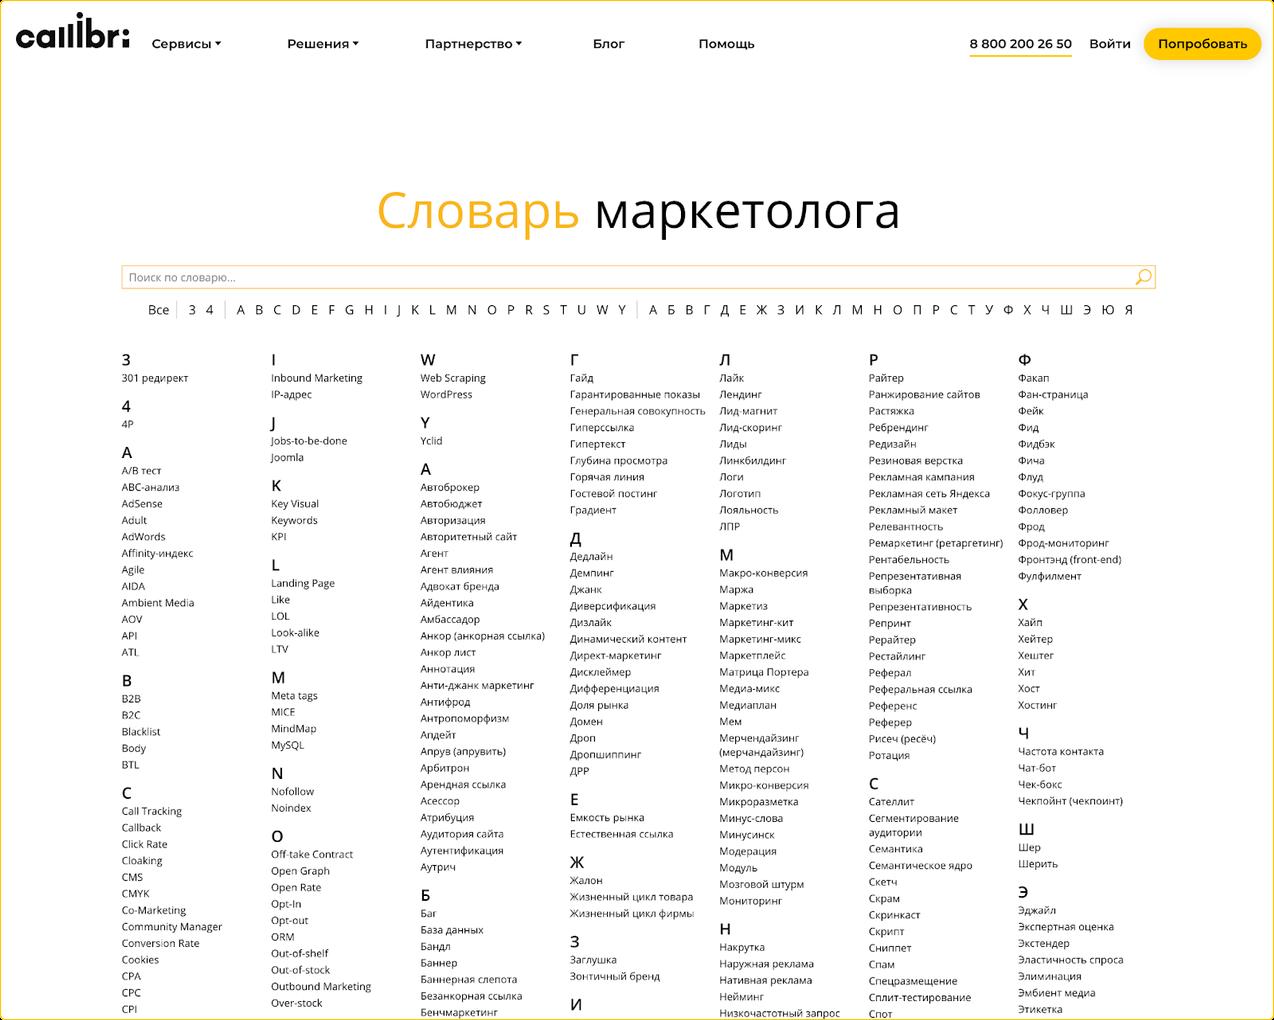 Как оформить словарь на сайте